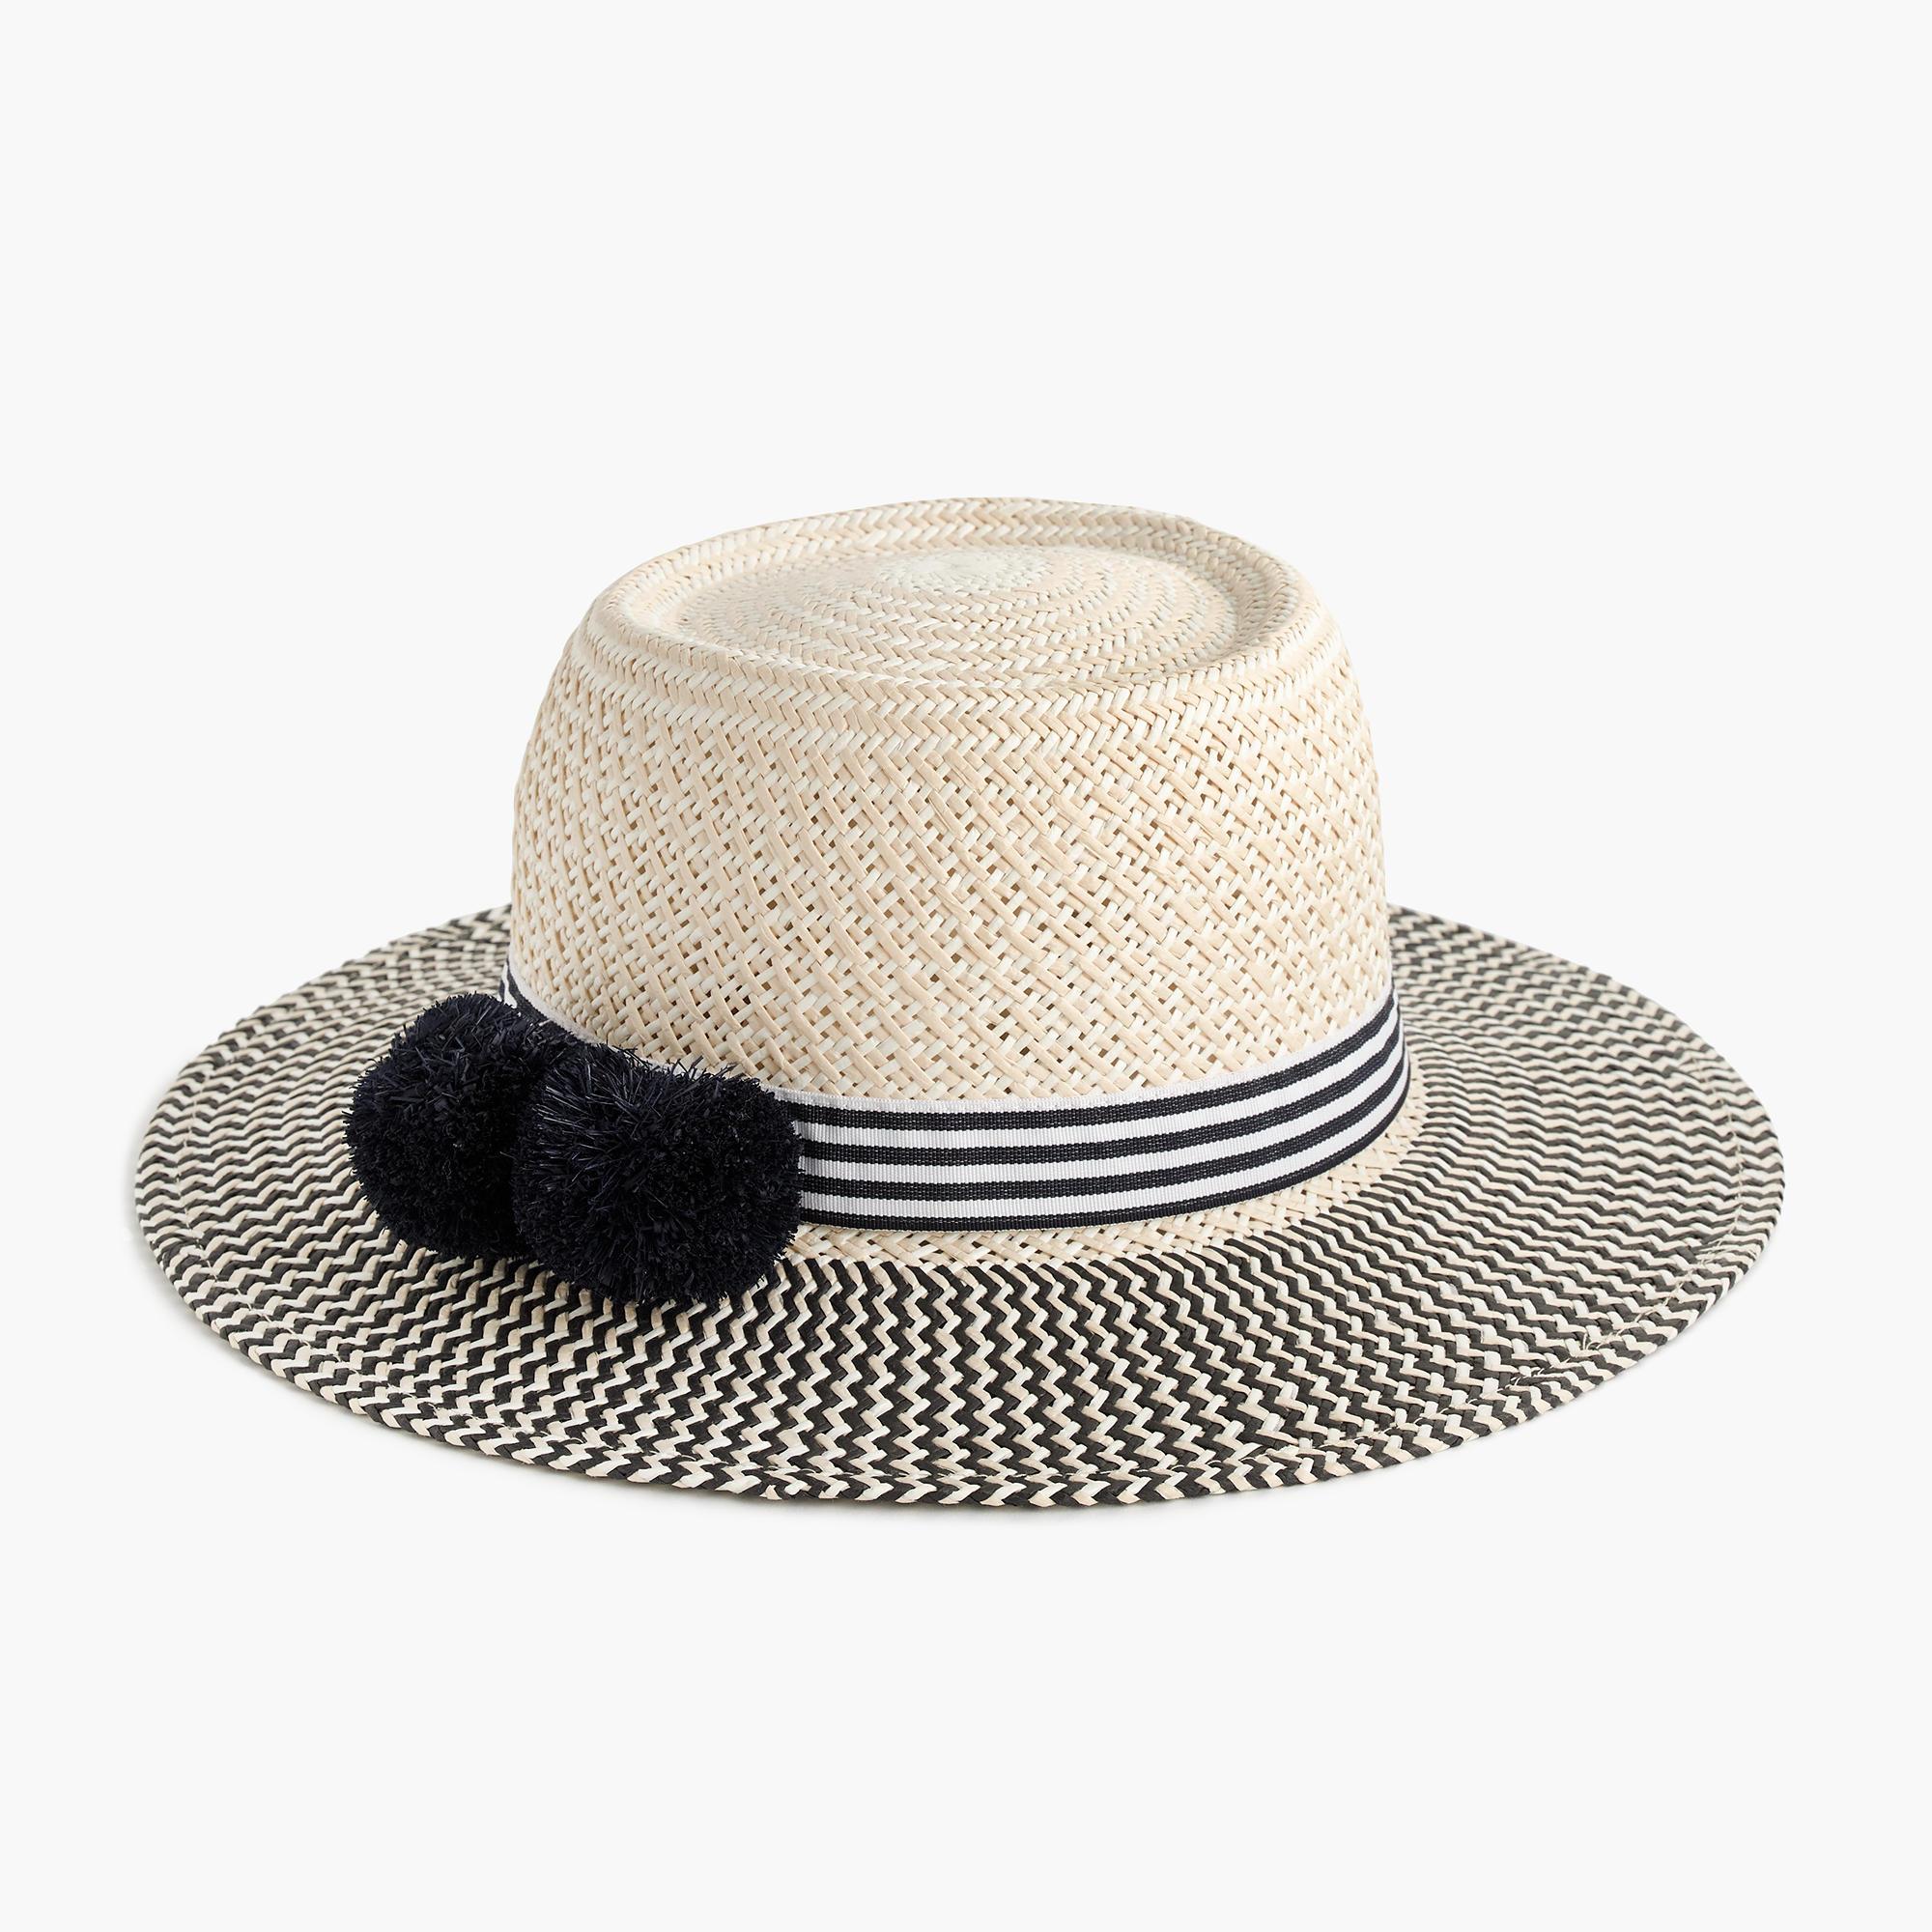 ff10c211 Straw hat with pom-poms